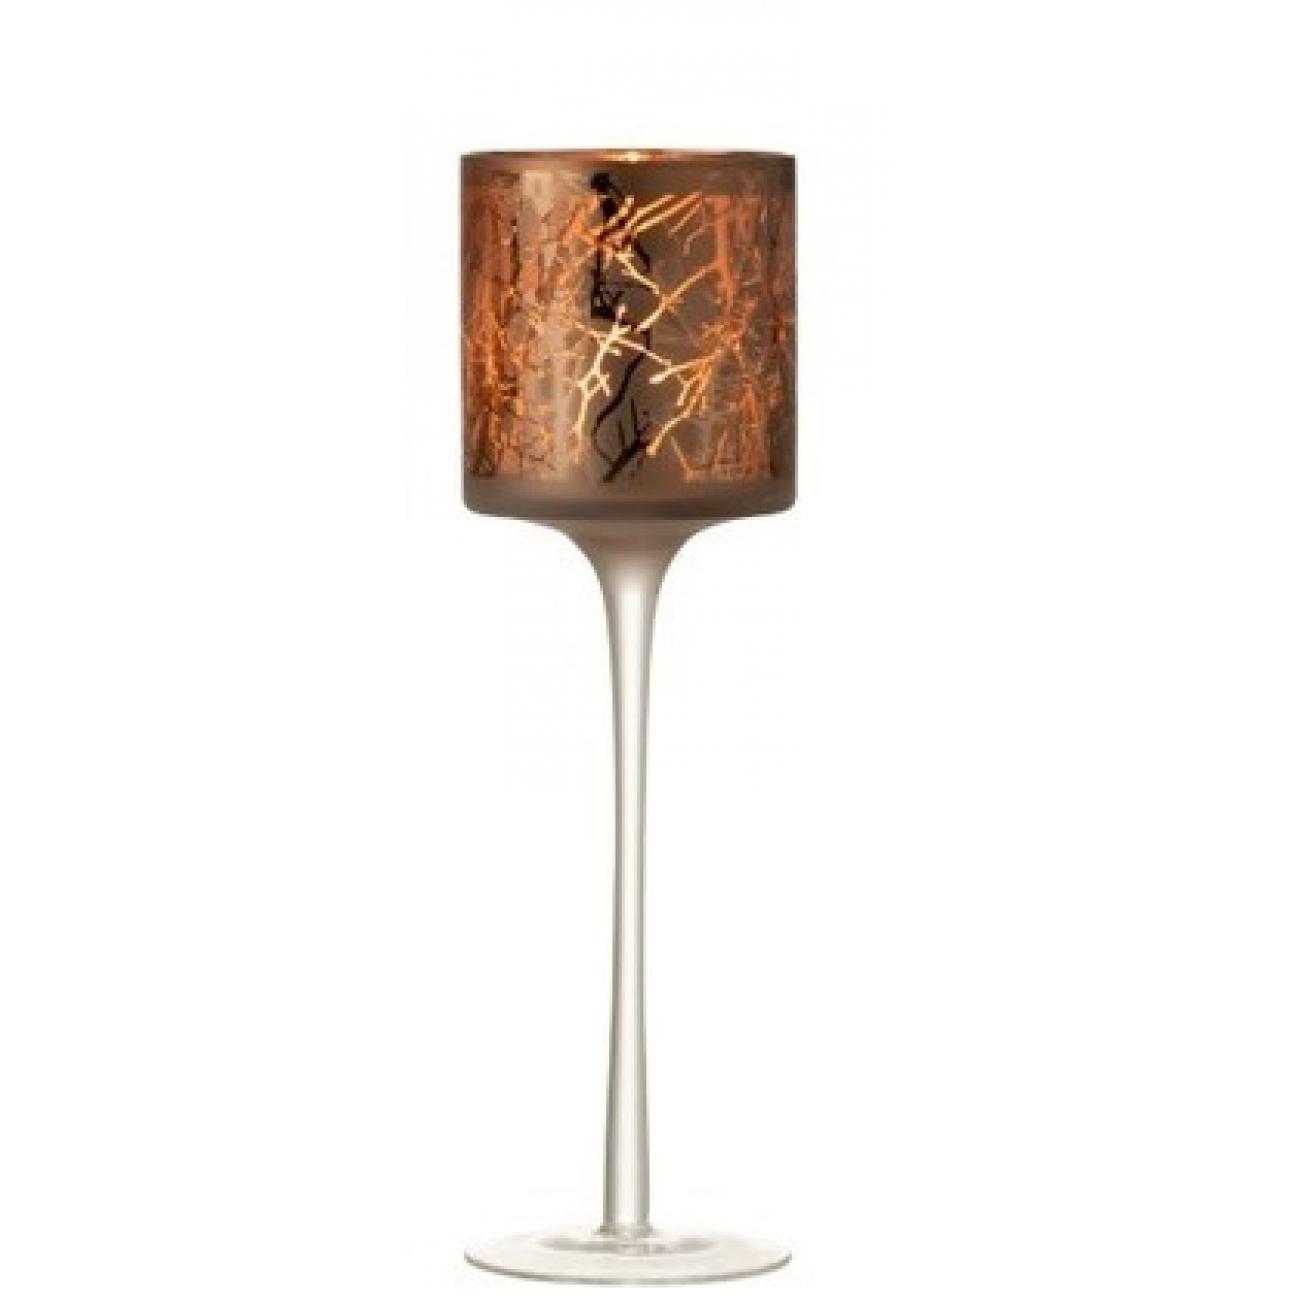 Подсвечник J-LINE стеклянный темно-коричневый с узором на тонкой ножке высота 30 см